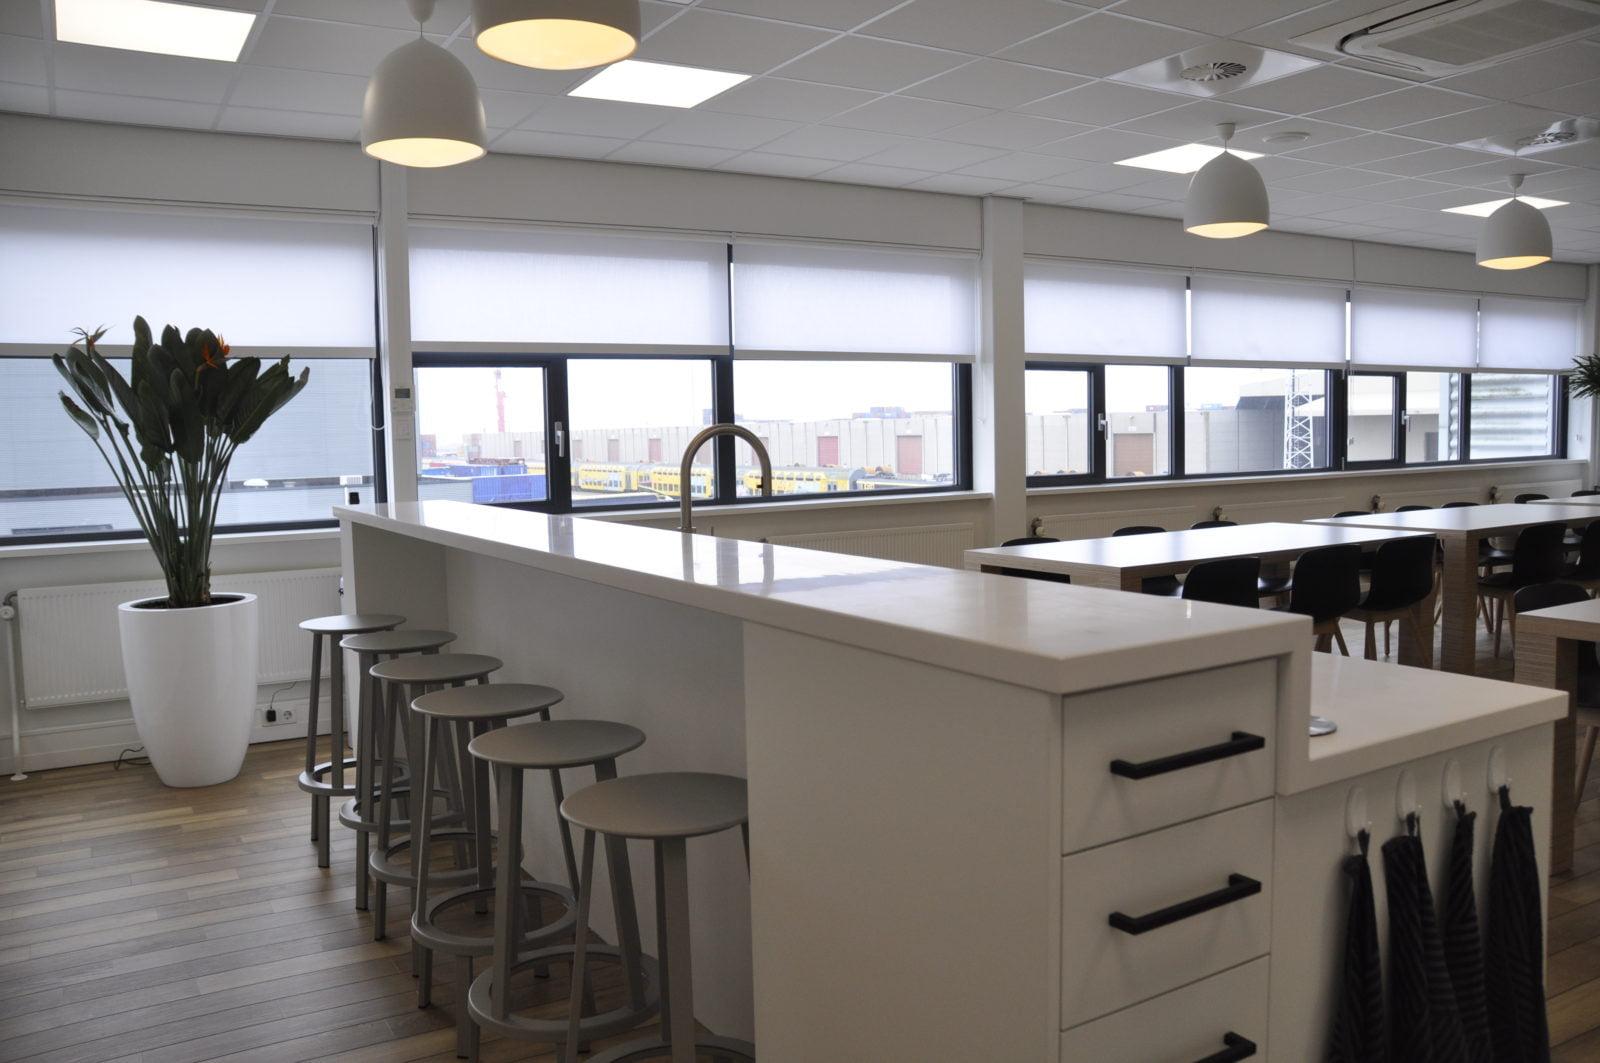 Keuken-kantine-inrichting-Amsterdam-